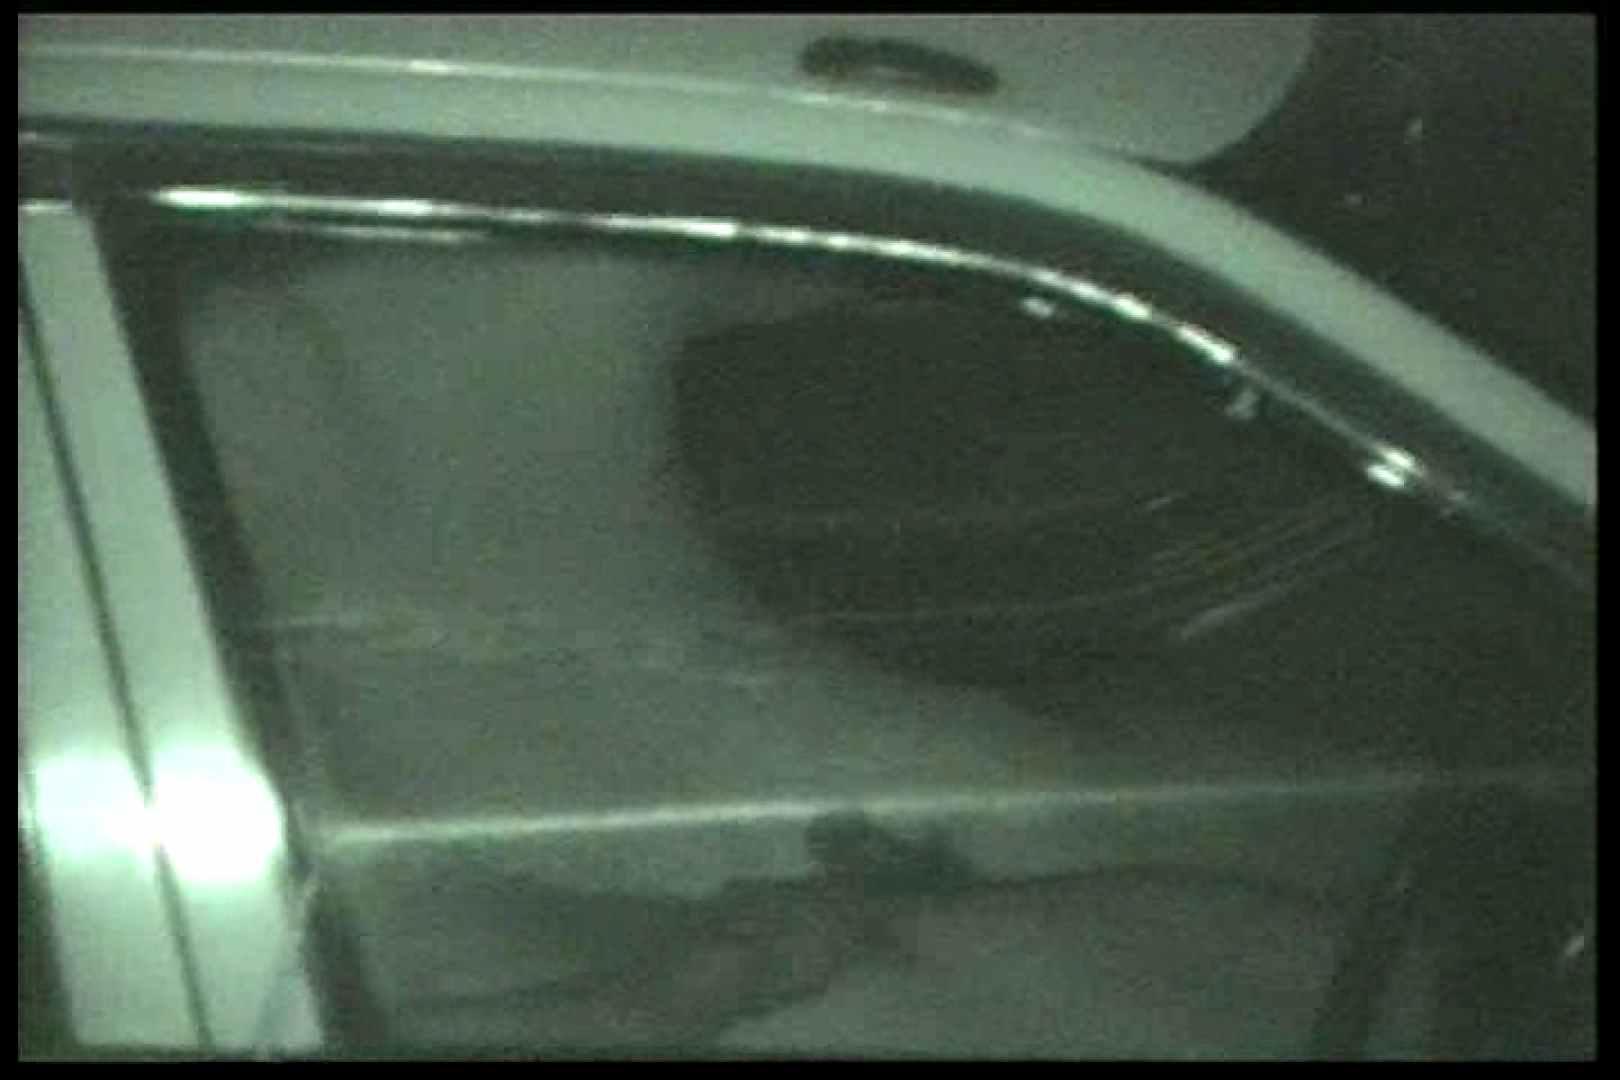 車の中はラブホテル 無修正版  Vol.15 車 ワレメ無修正動画無料 77pic 10